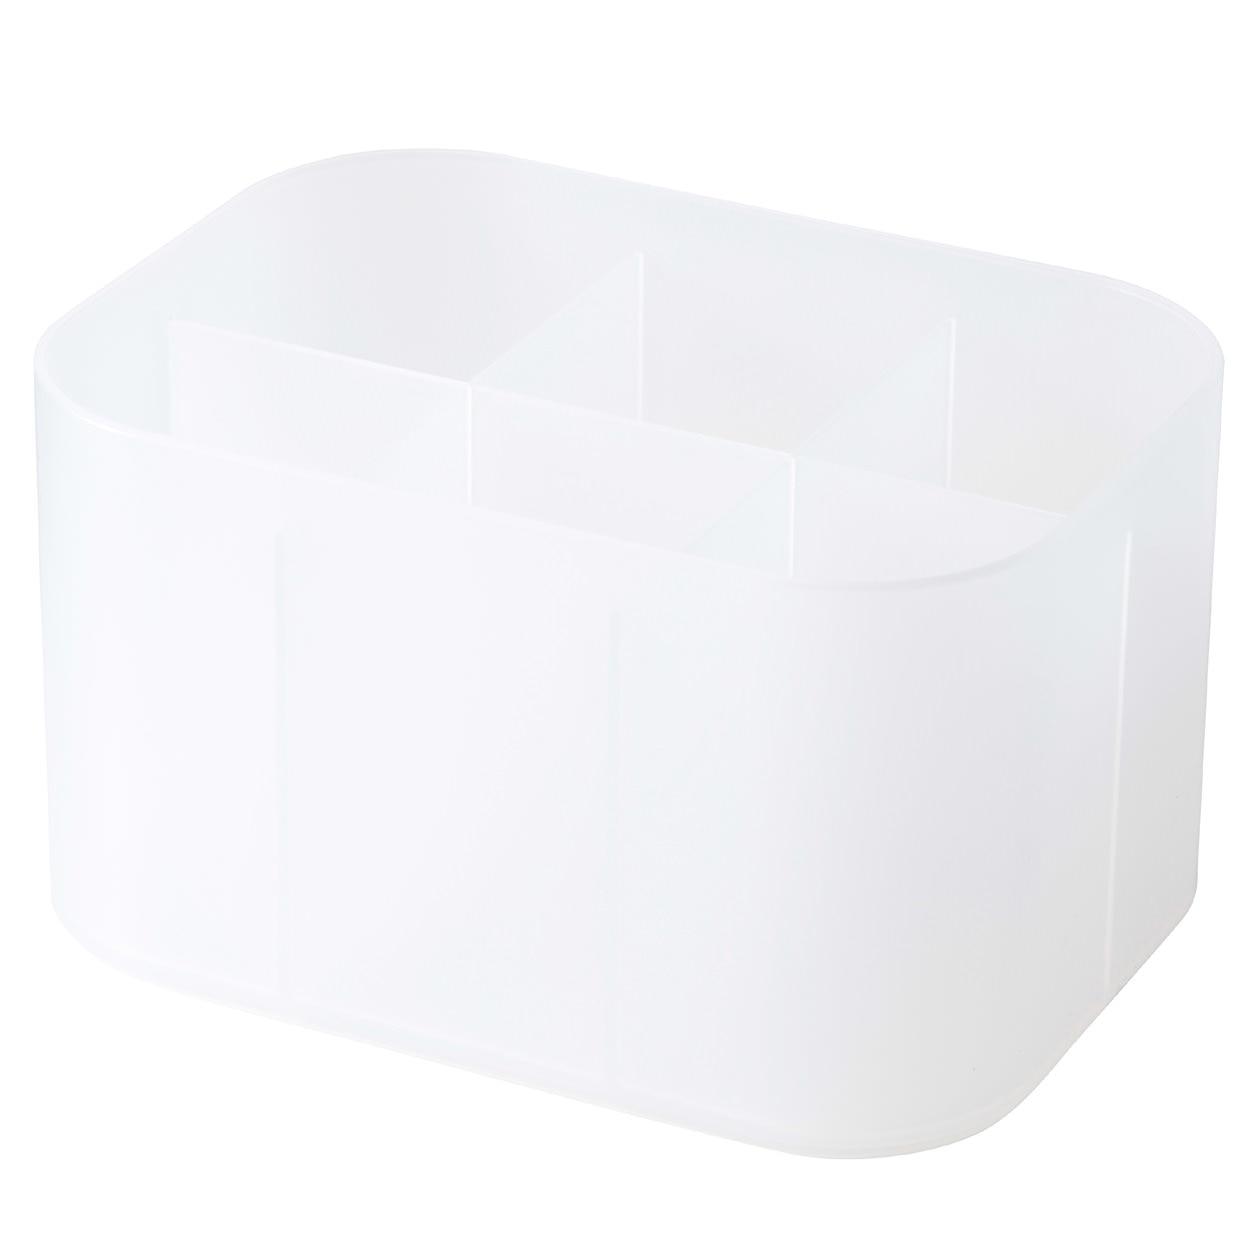 ポリプロピレンメイクボックス・仕切付・1/2横ハーフ